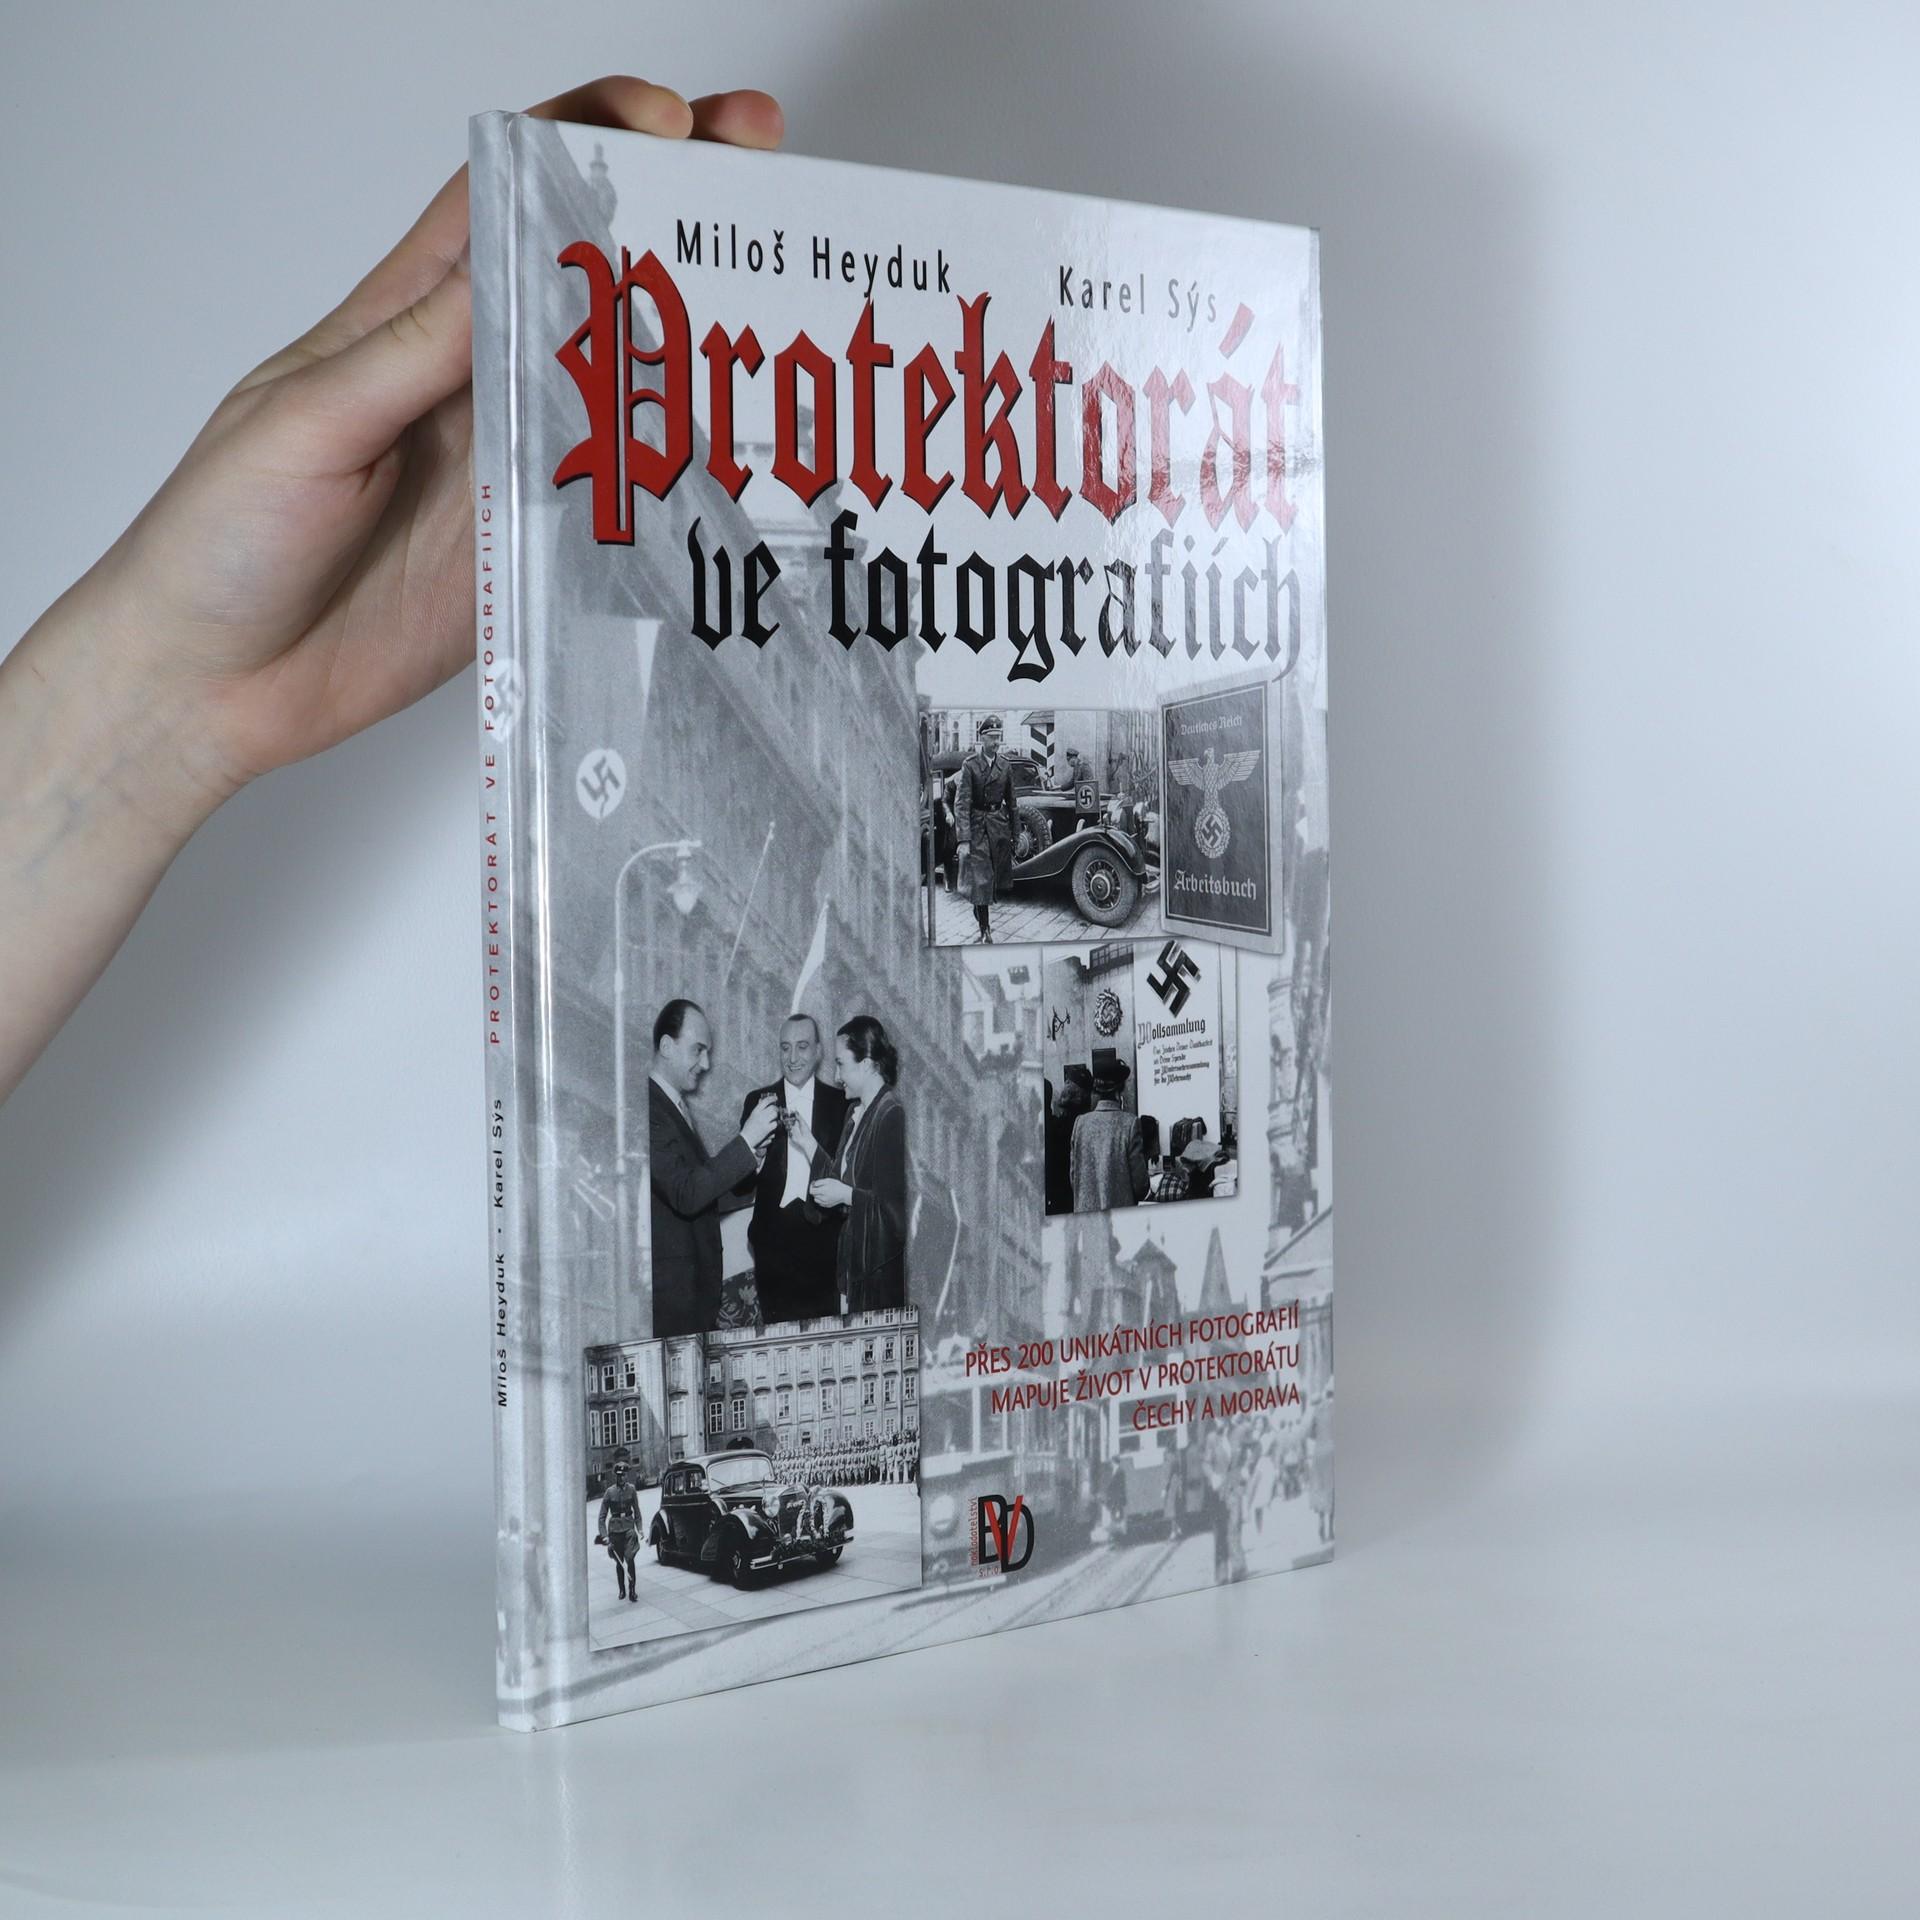 antikvární kniha Protektorát ve fotografiích : přes 200 unikátních fotografií mapuje život v Protektorátu Čechy a Morava, 2017